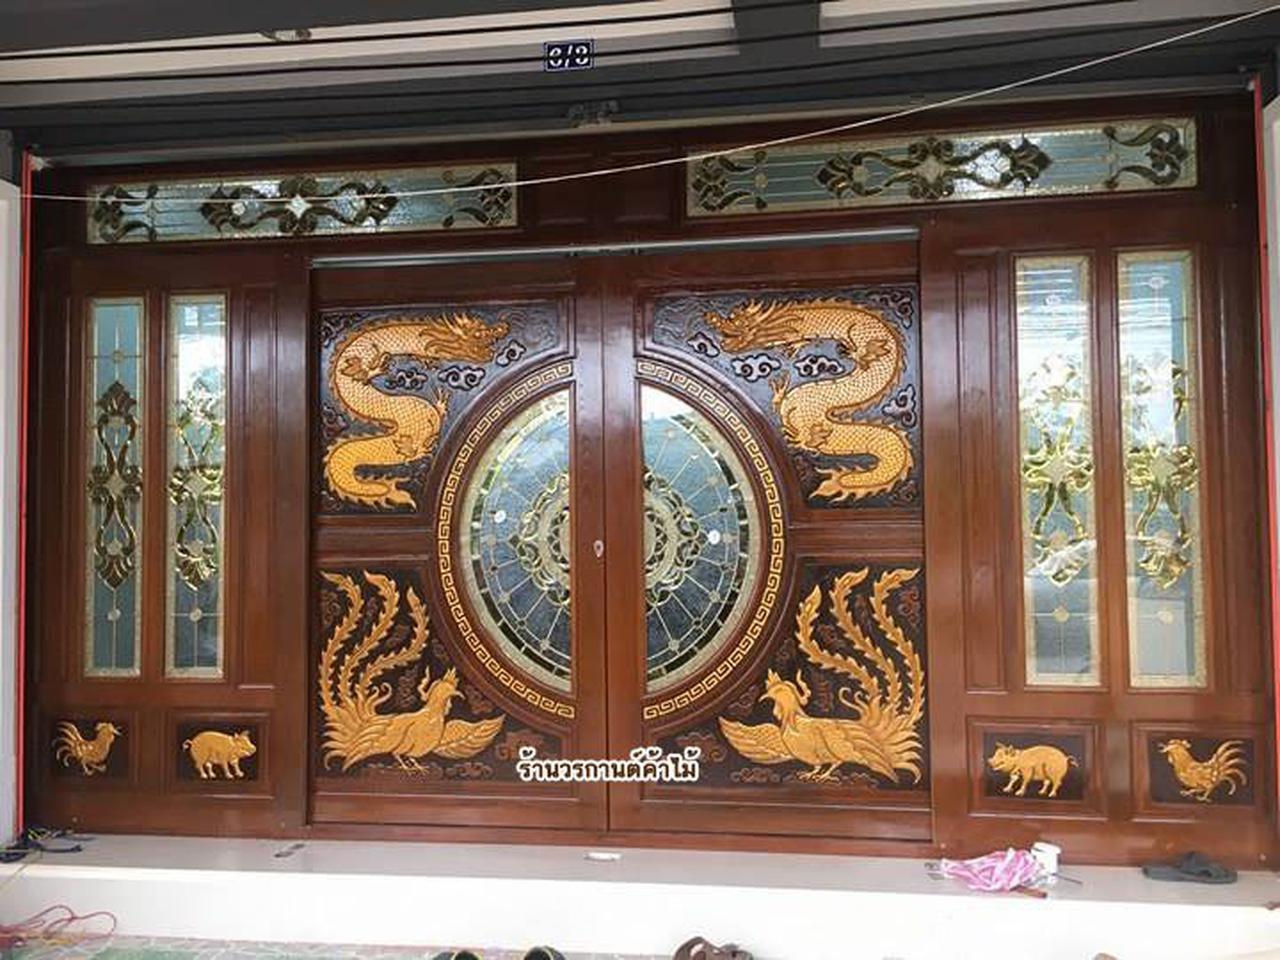 ร้านวรกานต์ค้าไม้ จำหน่าย ประตูไม้สักบานคู่ ประตูไม้สักบานเดี่ยว ประตูไม้สักกระจกนิรภัย ประตูโมเดิร์น รูปที่ 5